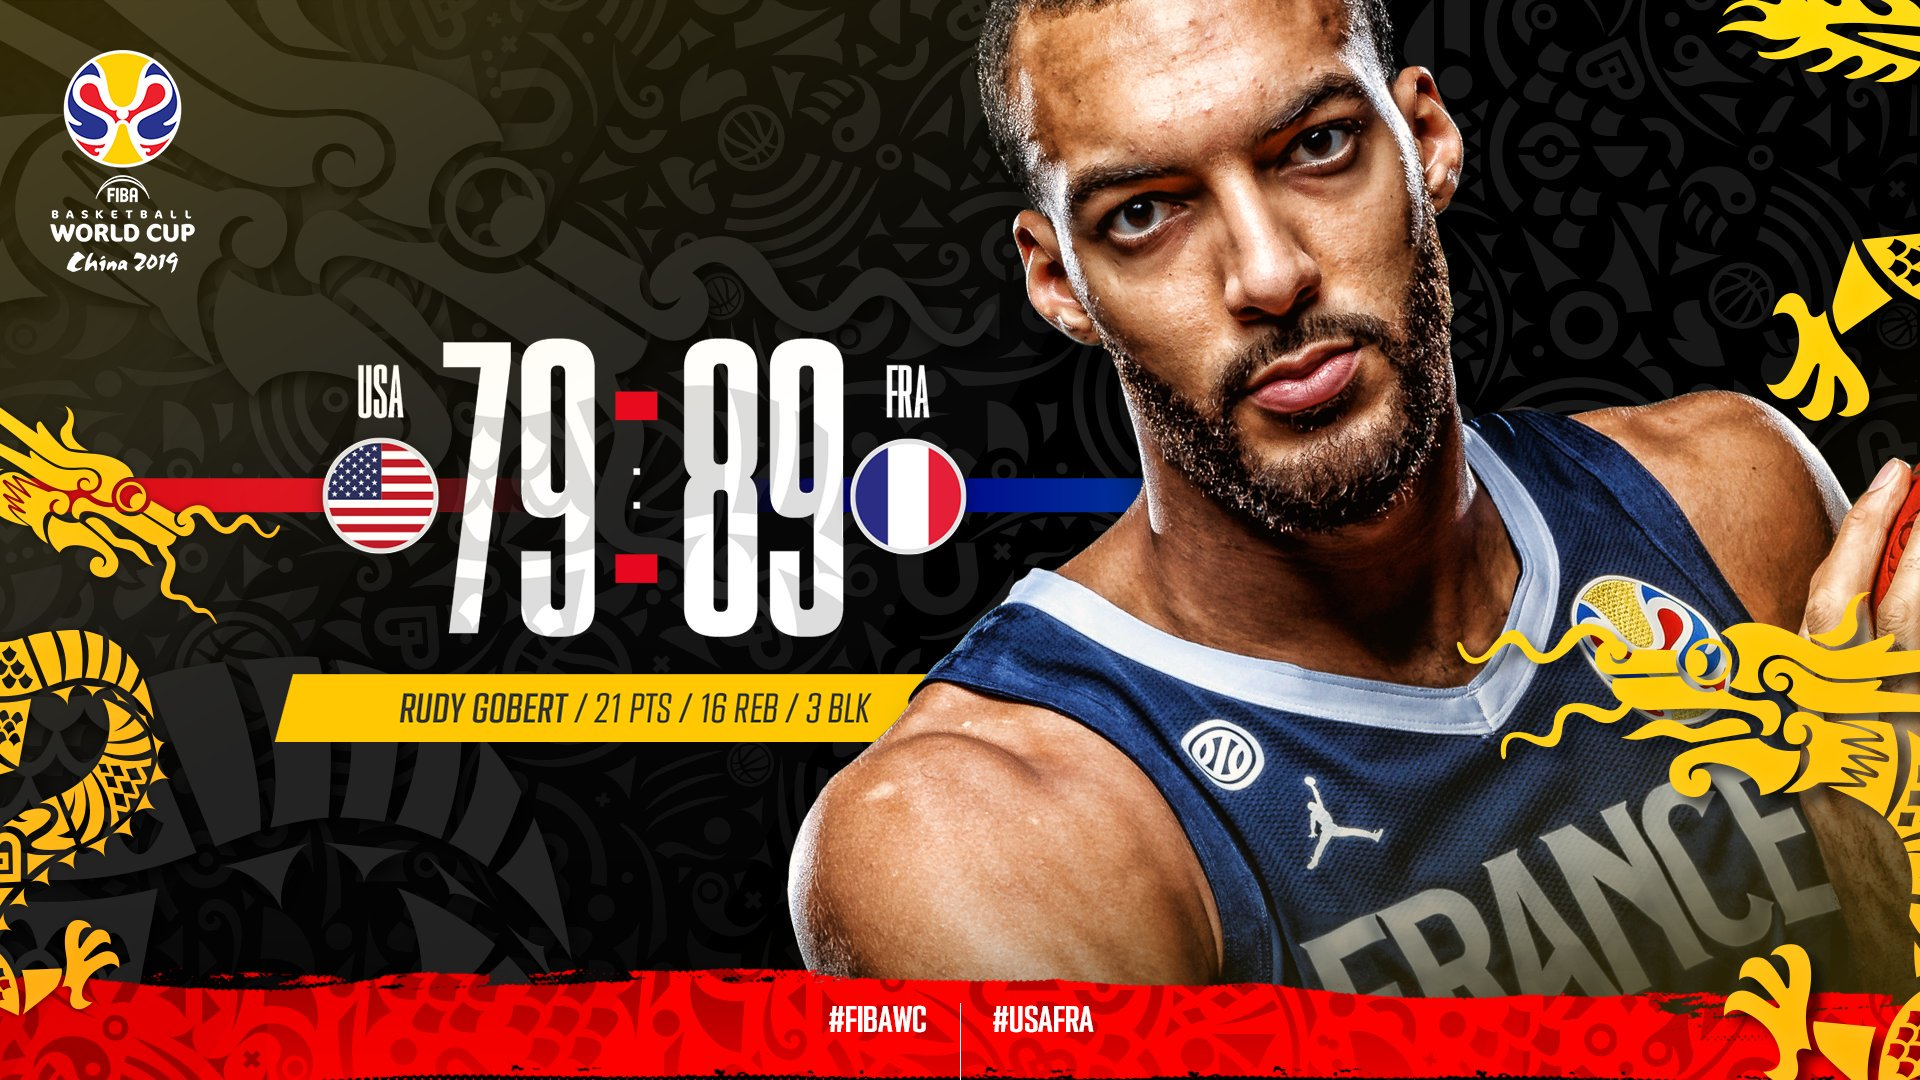 Μουντομπάσκετ 2019: Οι Γάλλοι έστειλαν… σπίτι τους τους Αμερικανούς (89-79)!